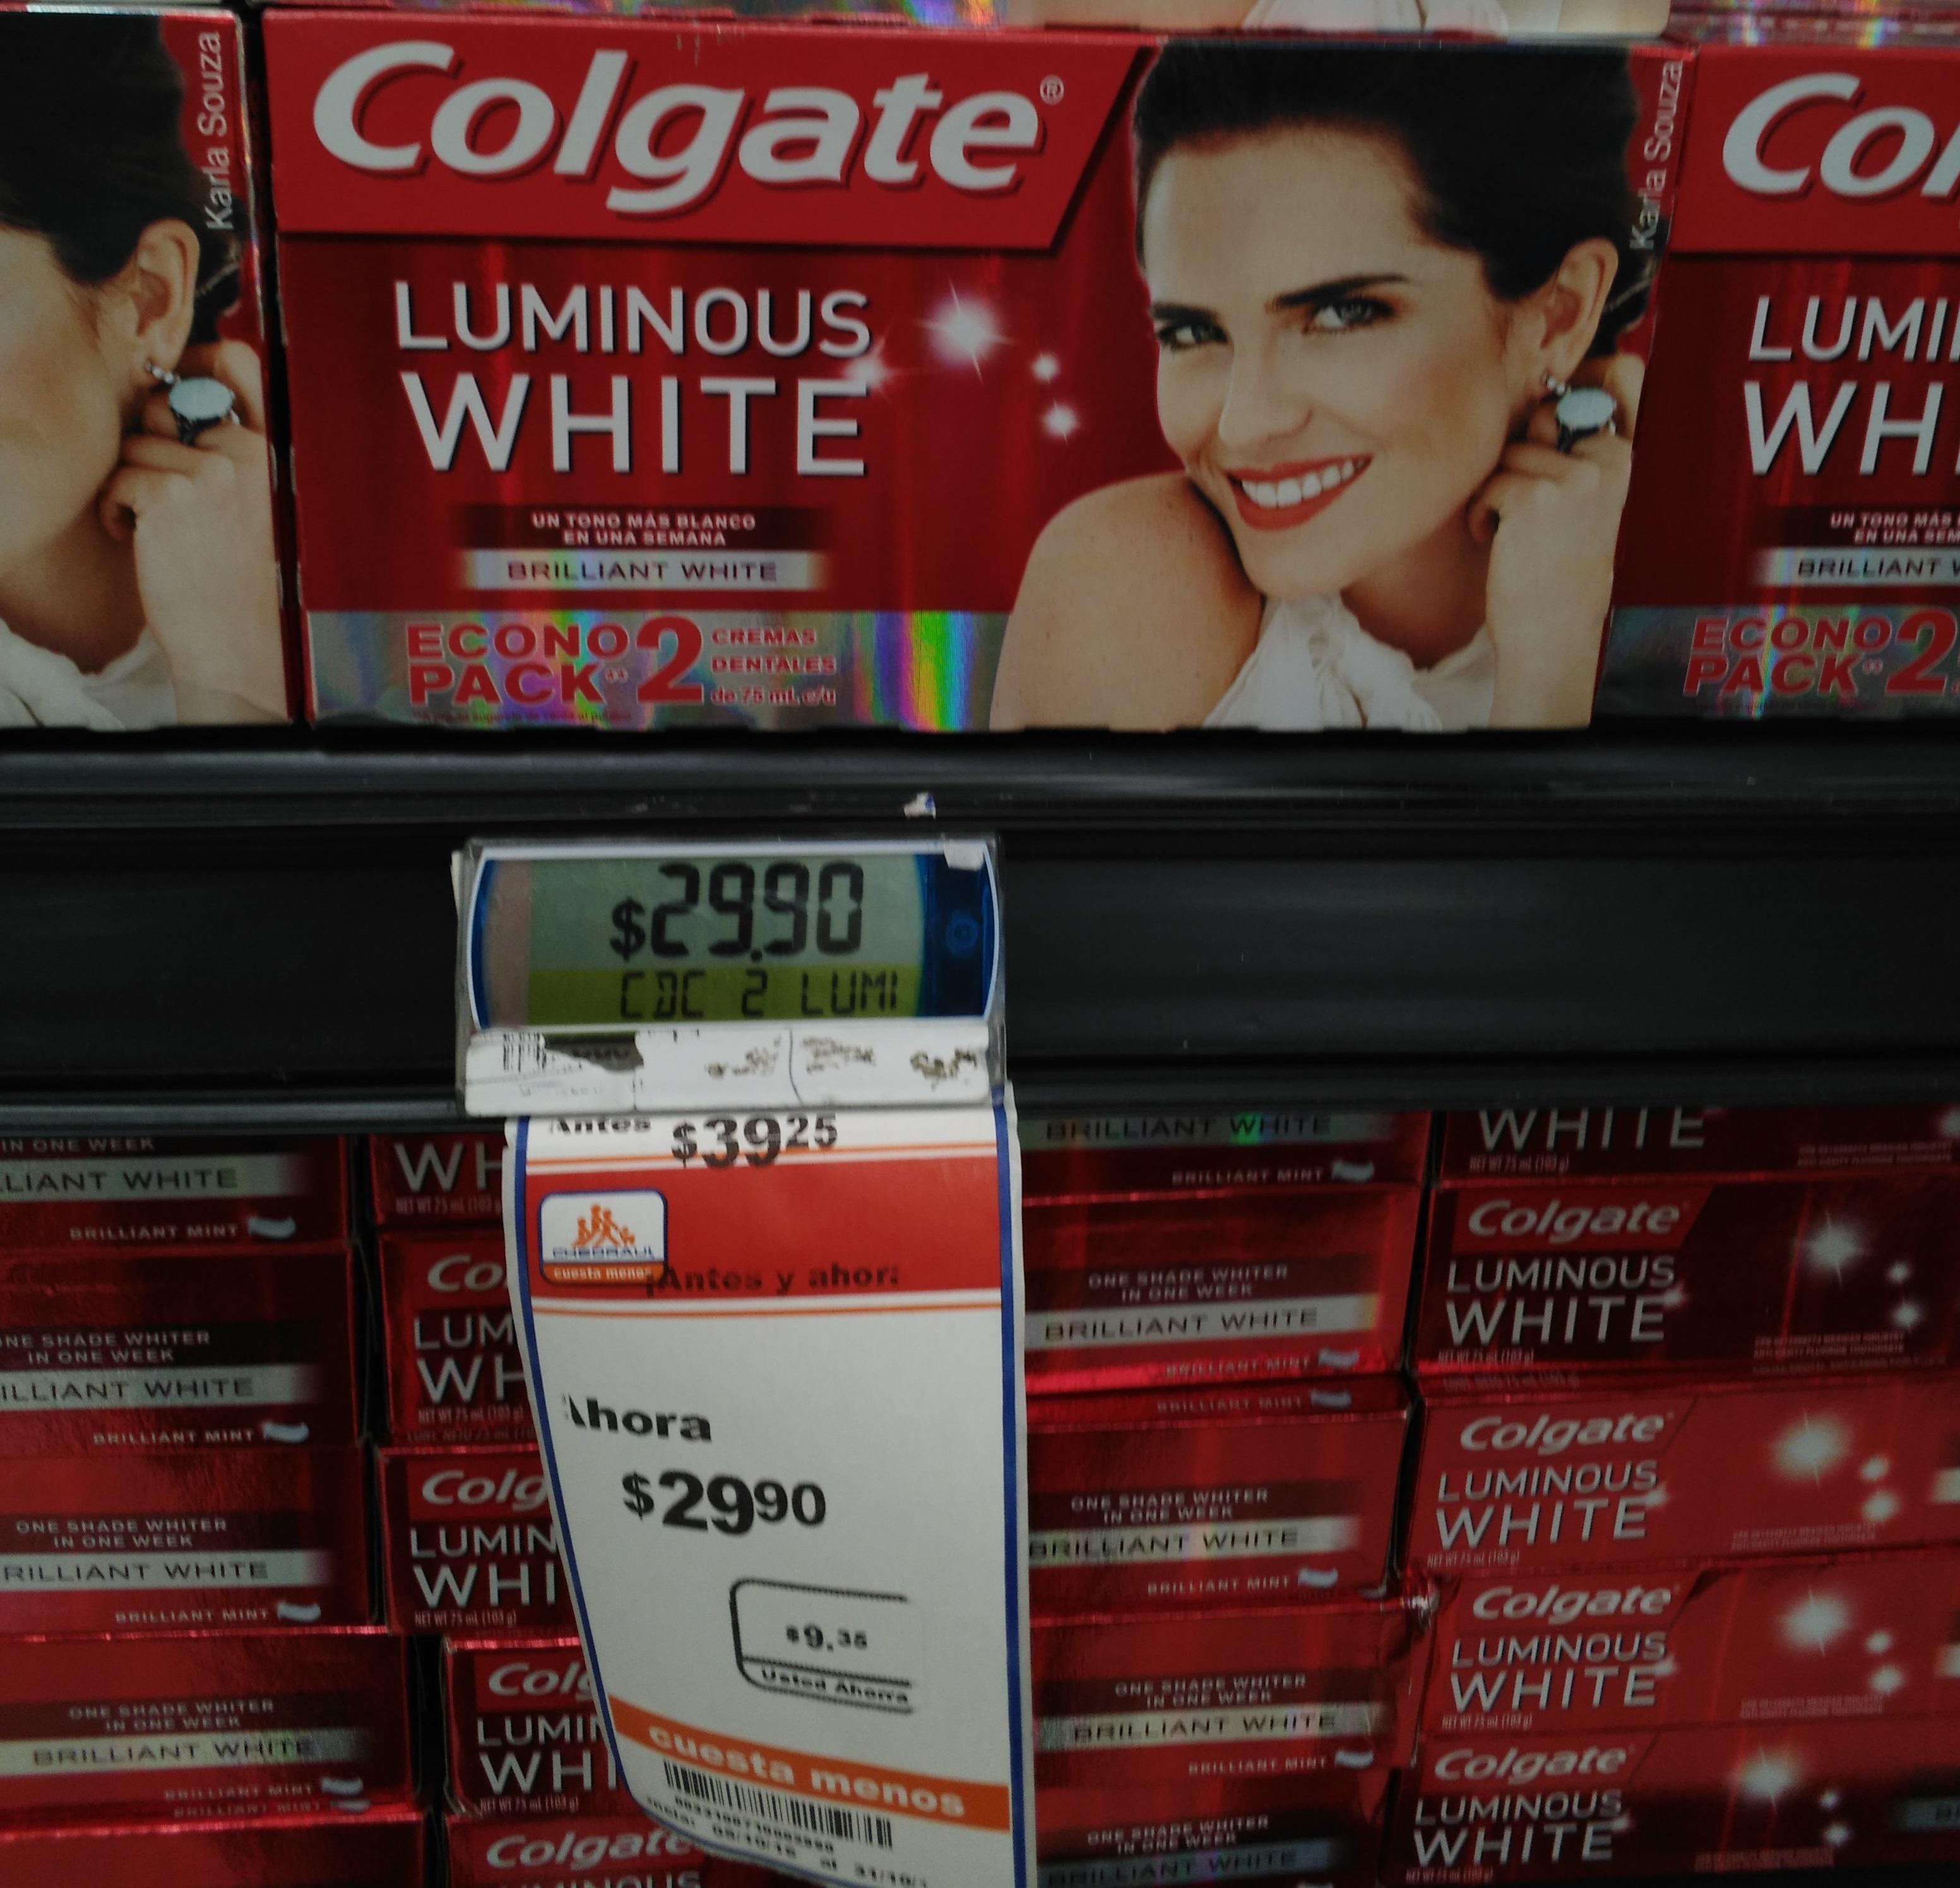 Chedraui: Pasta de dientes Luminus White de Colgate 75grs a $29.90